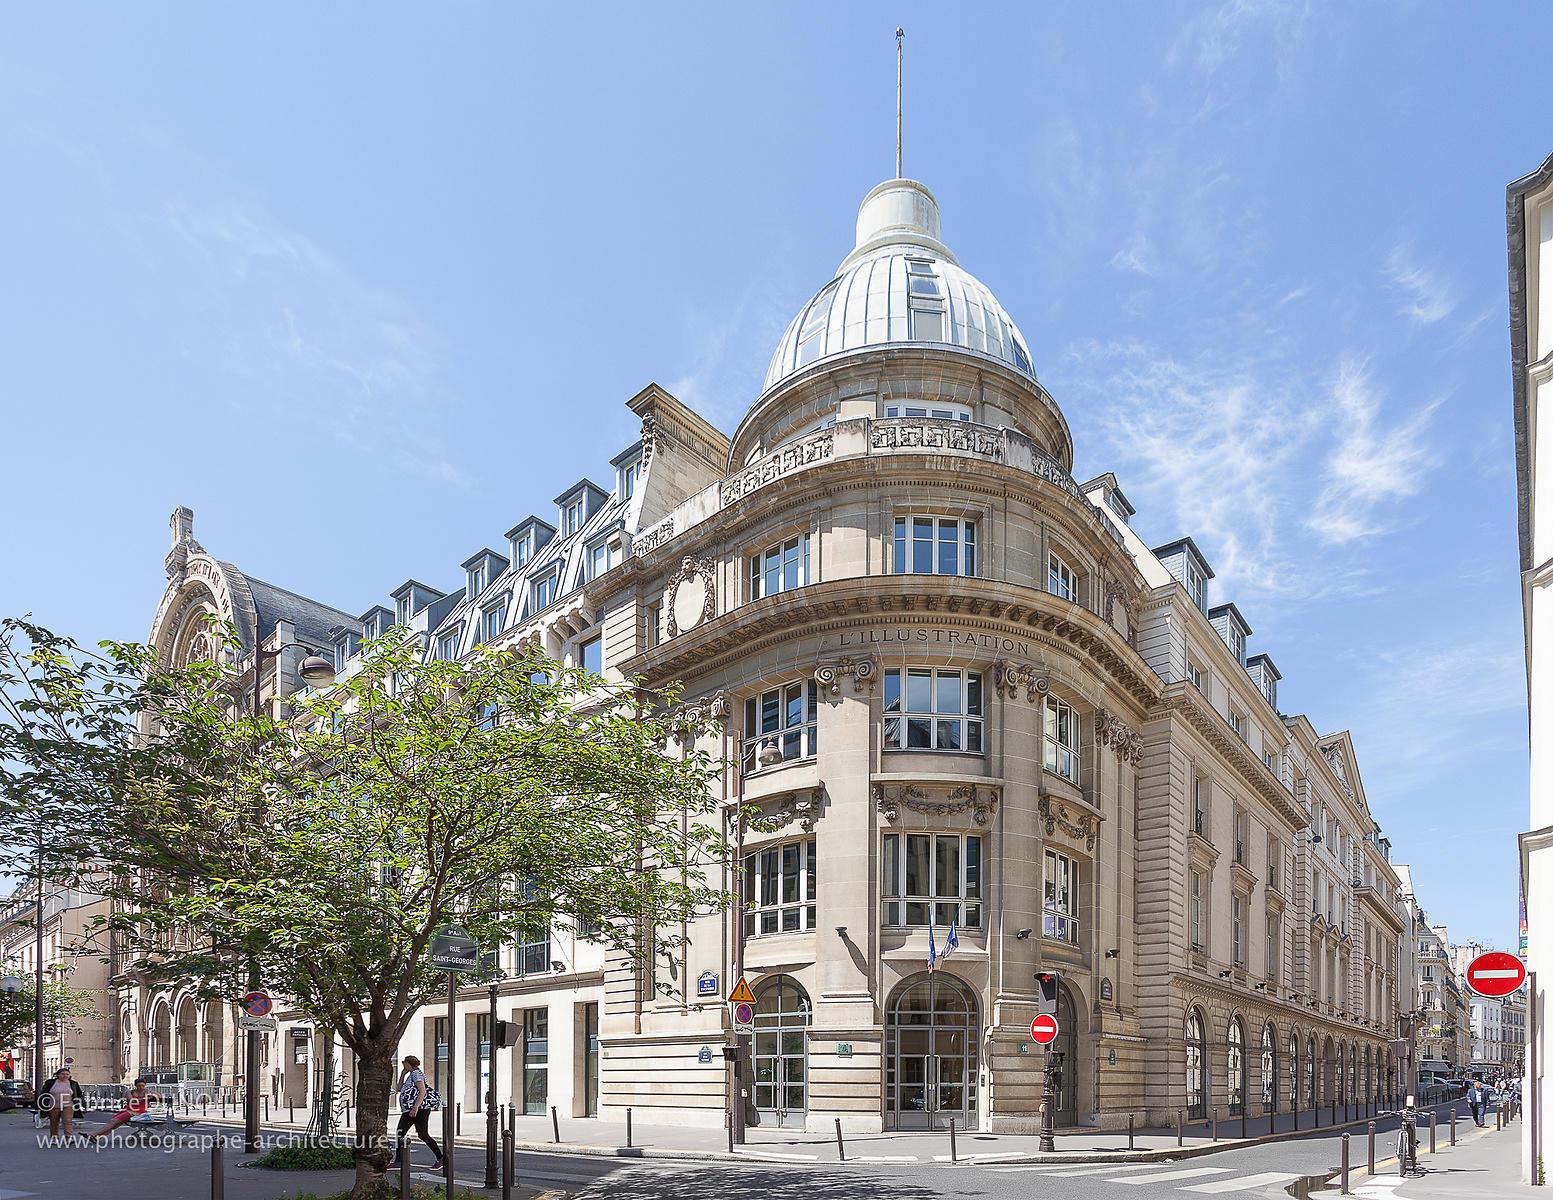 photographe d 39 architecture et d 39 architecture int rieure paris france europe rue st georges paris. Black Bedroom Furniture Sets. Home Design Ideas